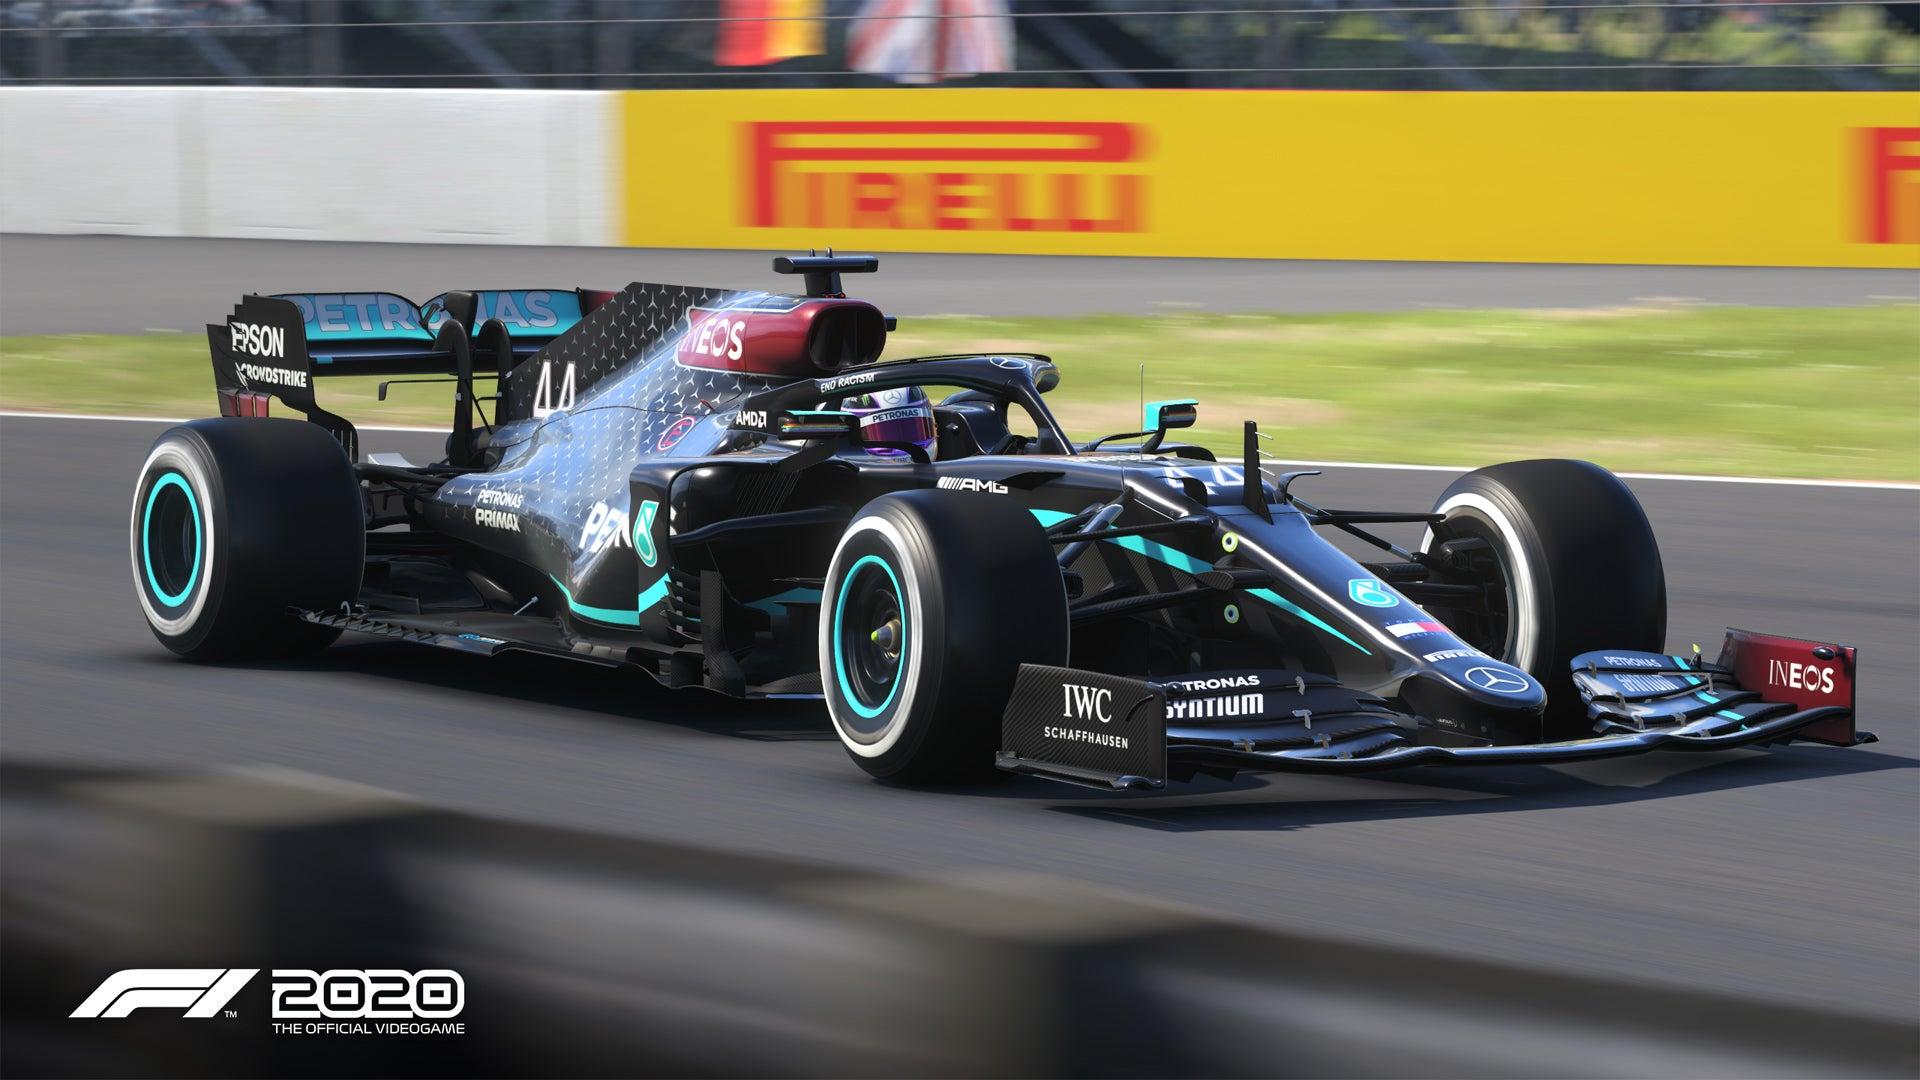 Screenshot of F1® 2020